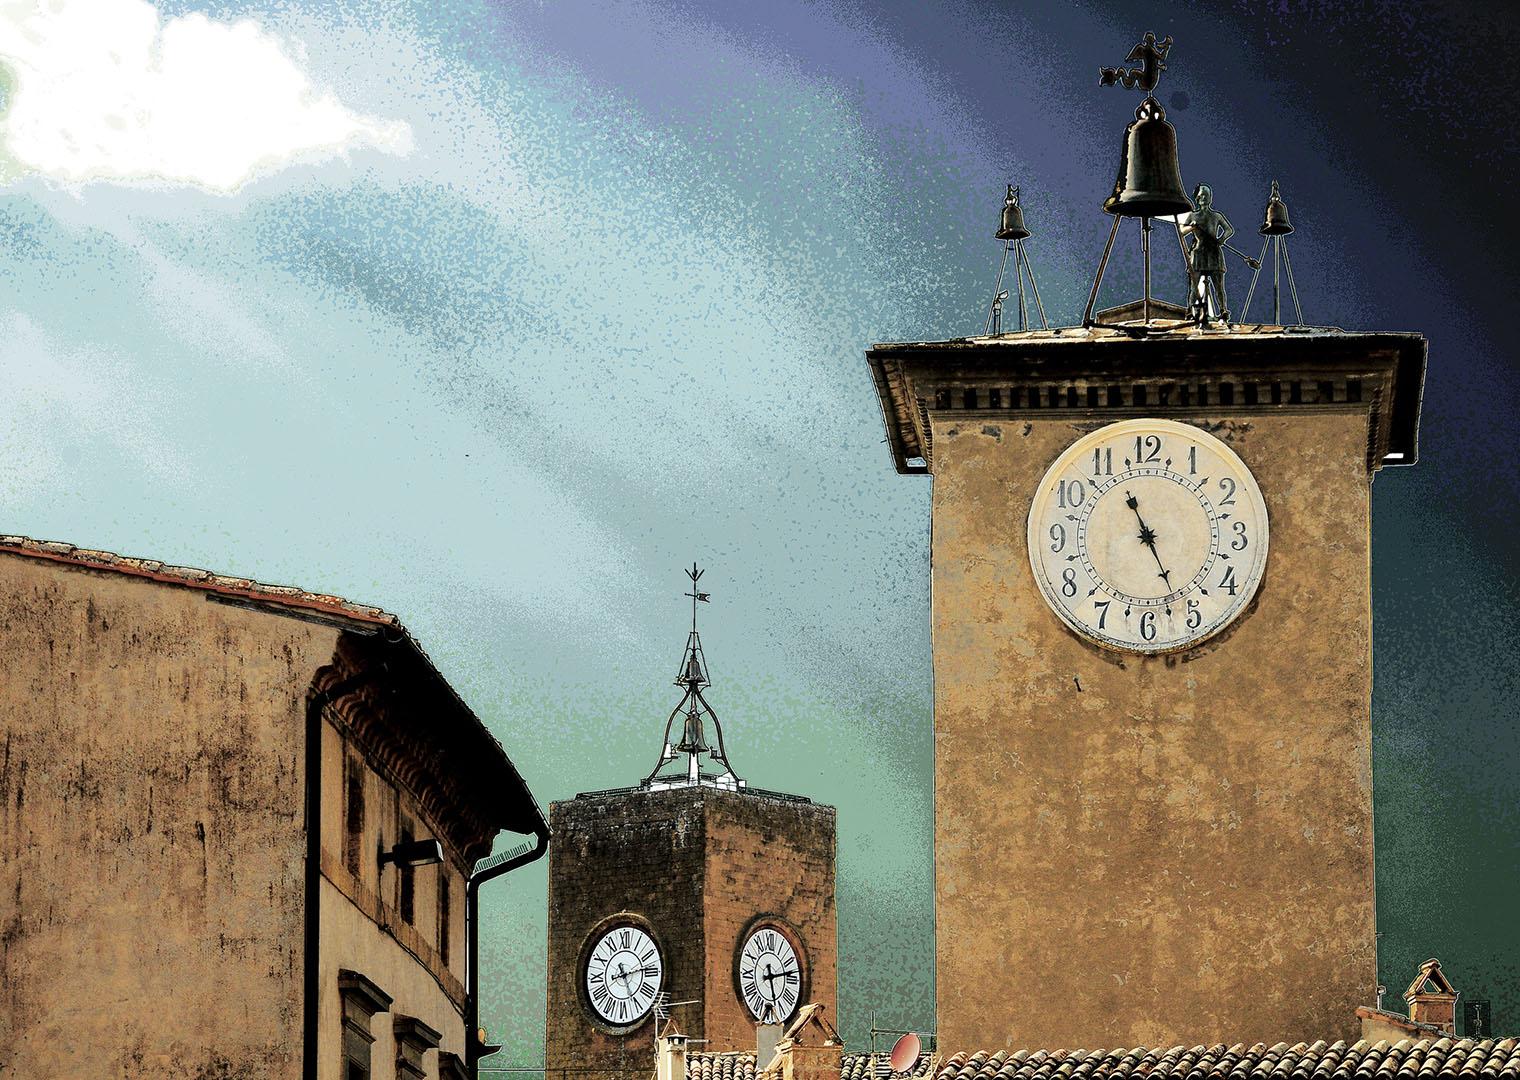 Orvieto_064_I12.1-34